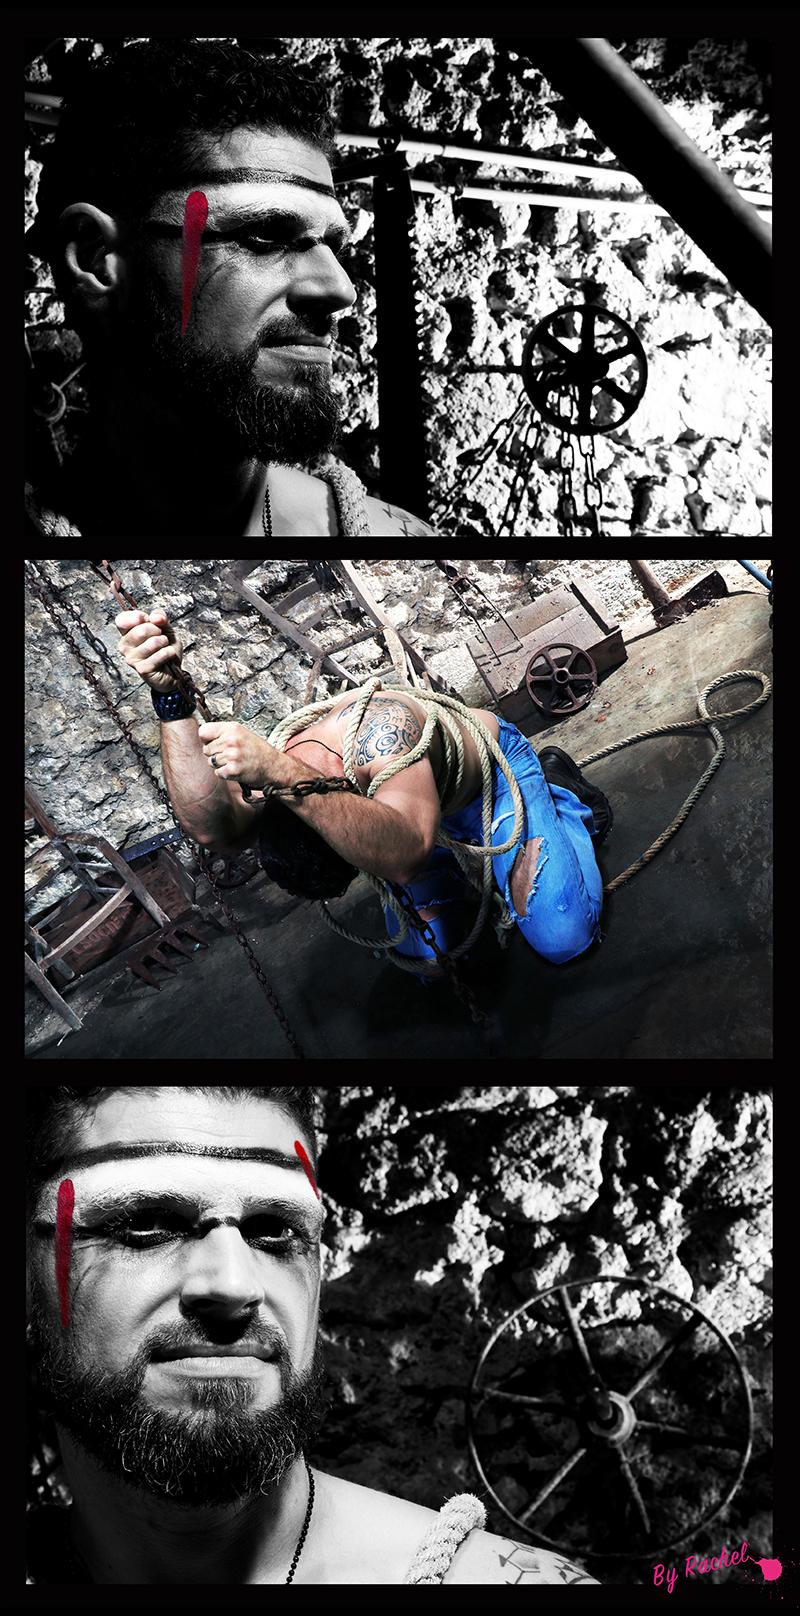 thème évolution pour l'expo photo de notre photographe Rachel Joubi, portrait très serré pour accompagner l'homme qui se libère de ses chaînes.